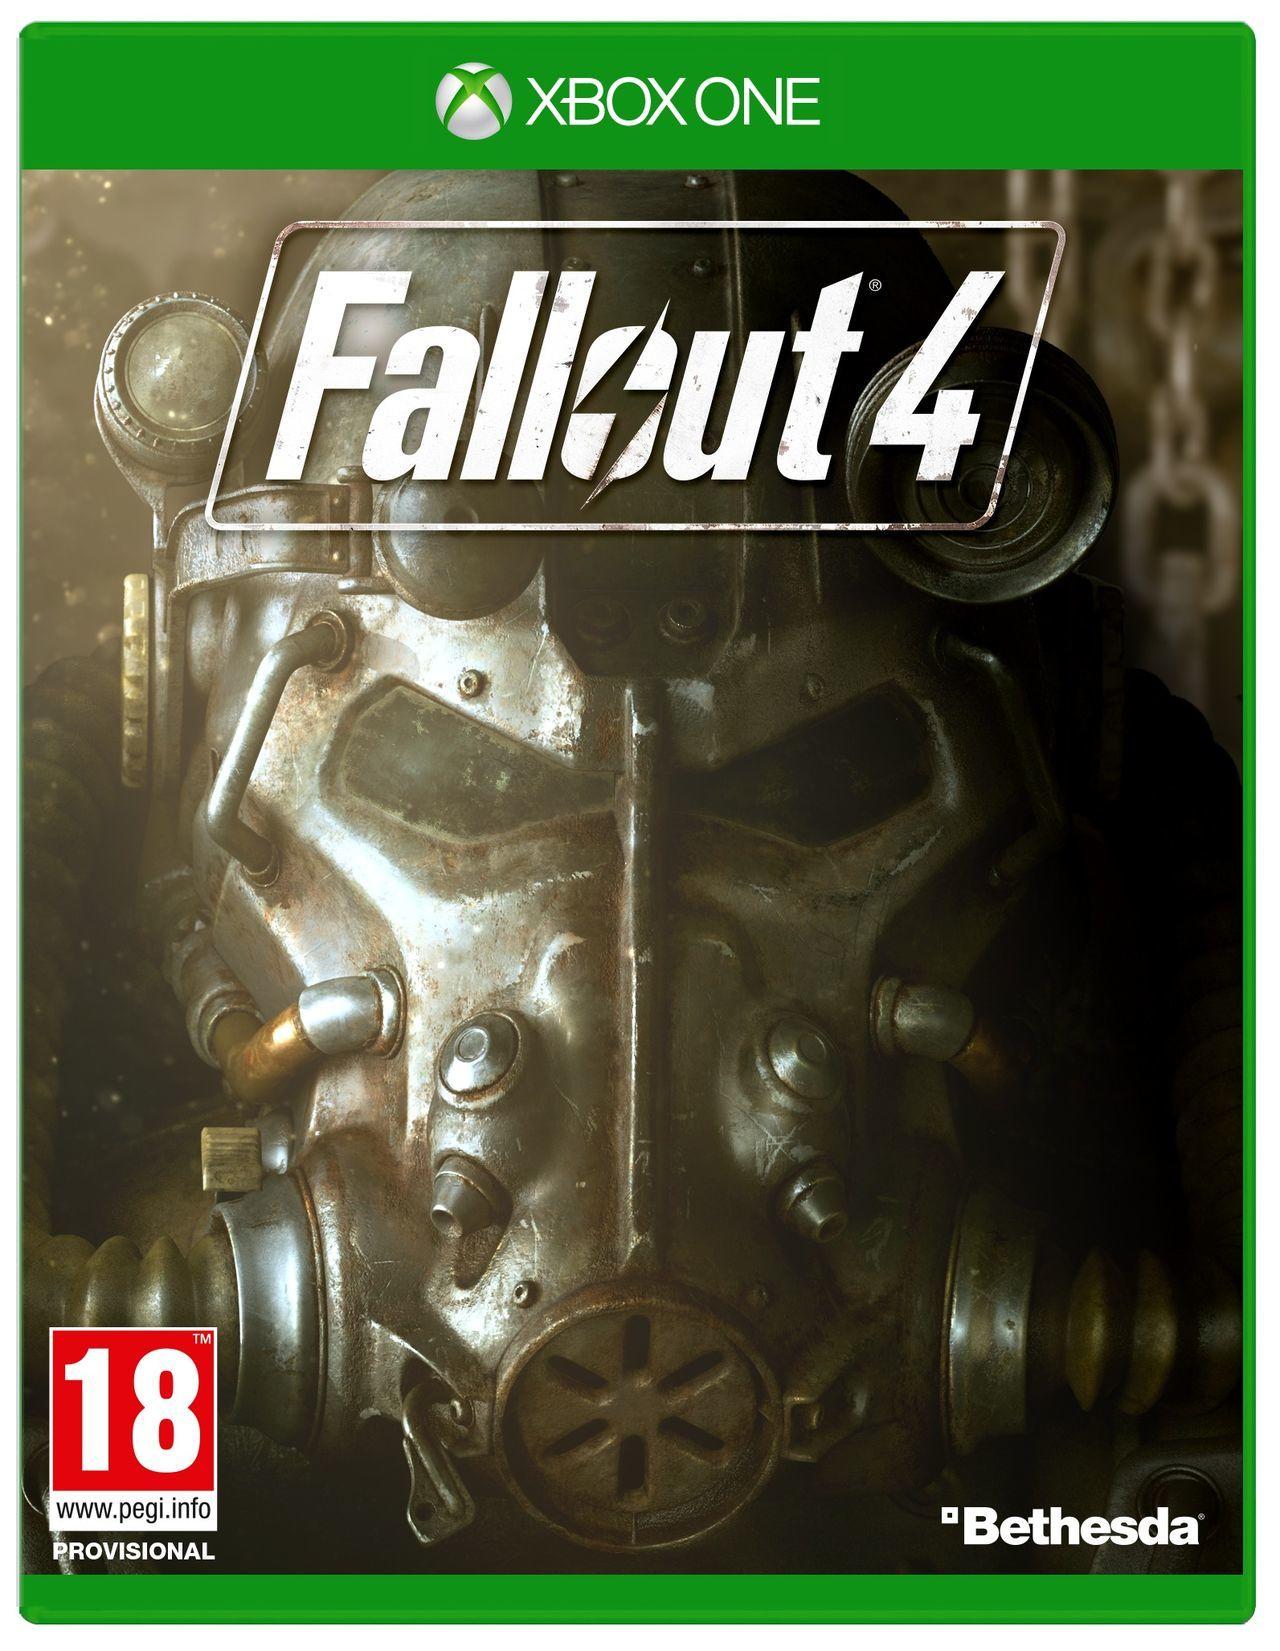 Imagen 2 de Fallout 4 para Xbox One